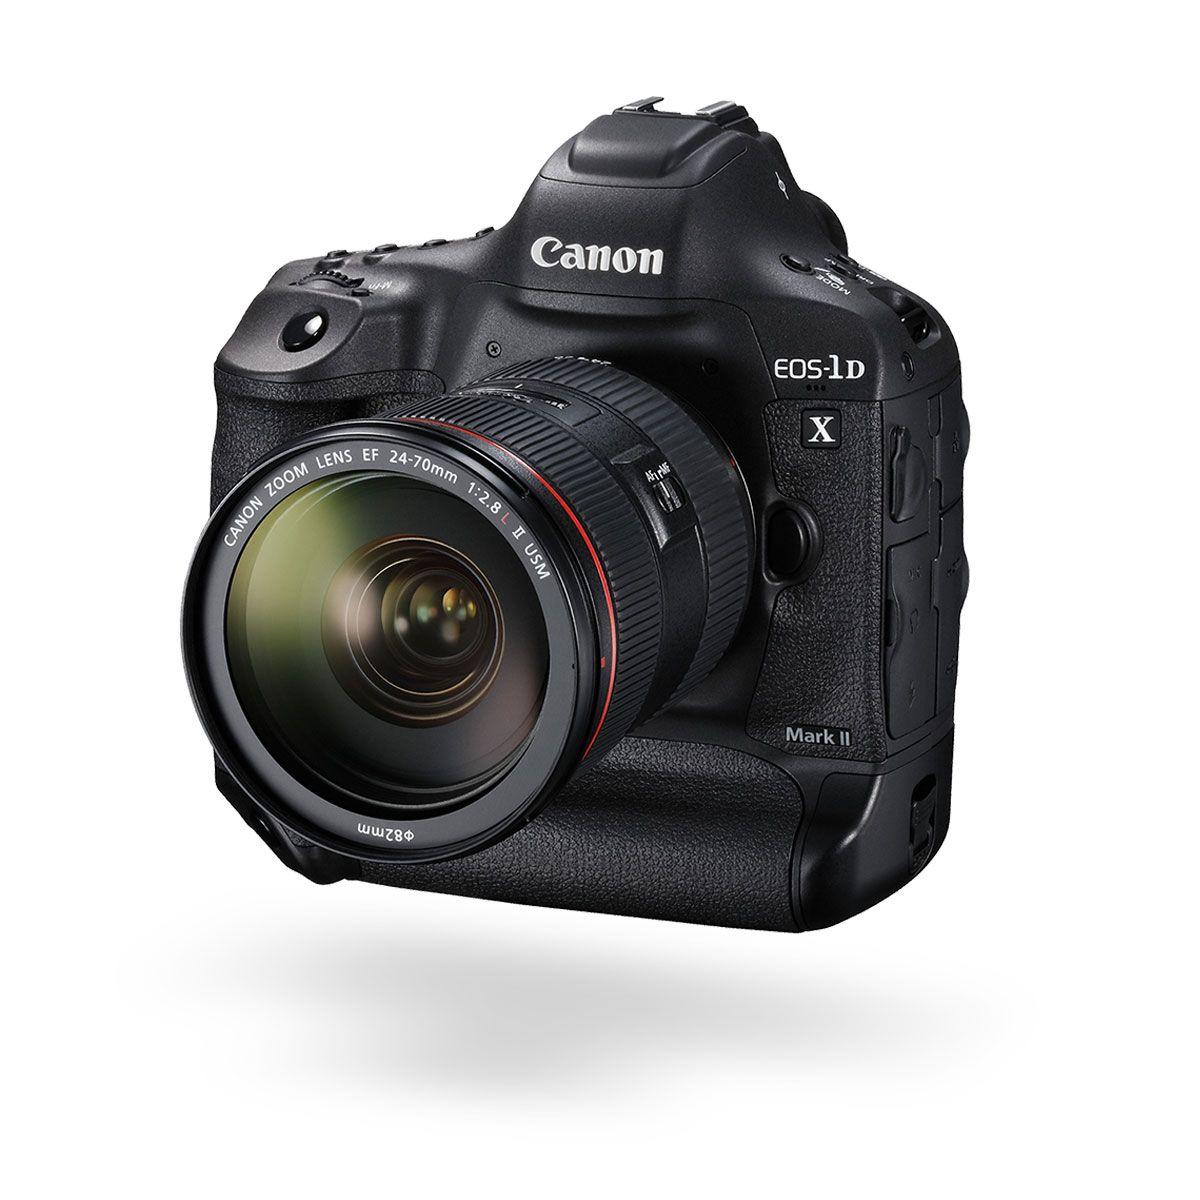 Canon Eos 1d X Mark Ii Canon1dxmarkiiprice Canon1dxmarkii Canon1dxprice Canon1dxmkii Canoneos1d Camera Lenses Canon Canon Eos Cameras Best Digital Camera